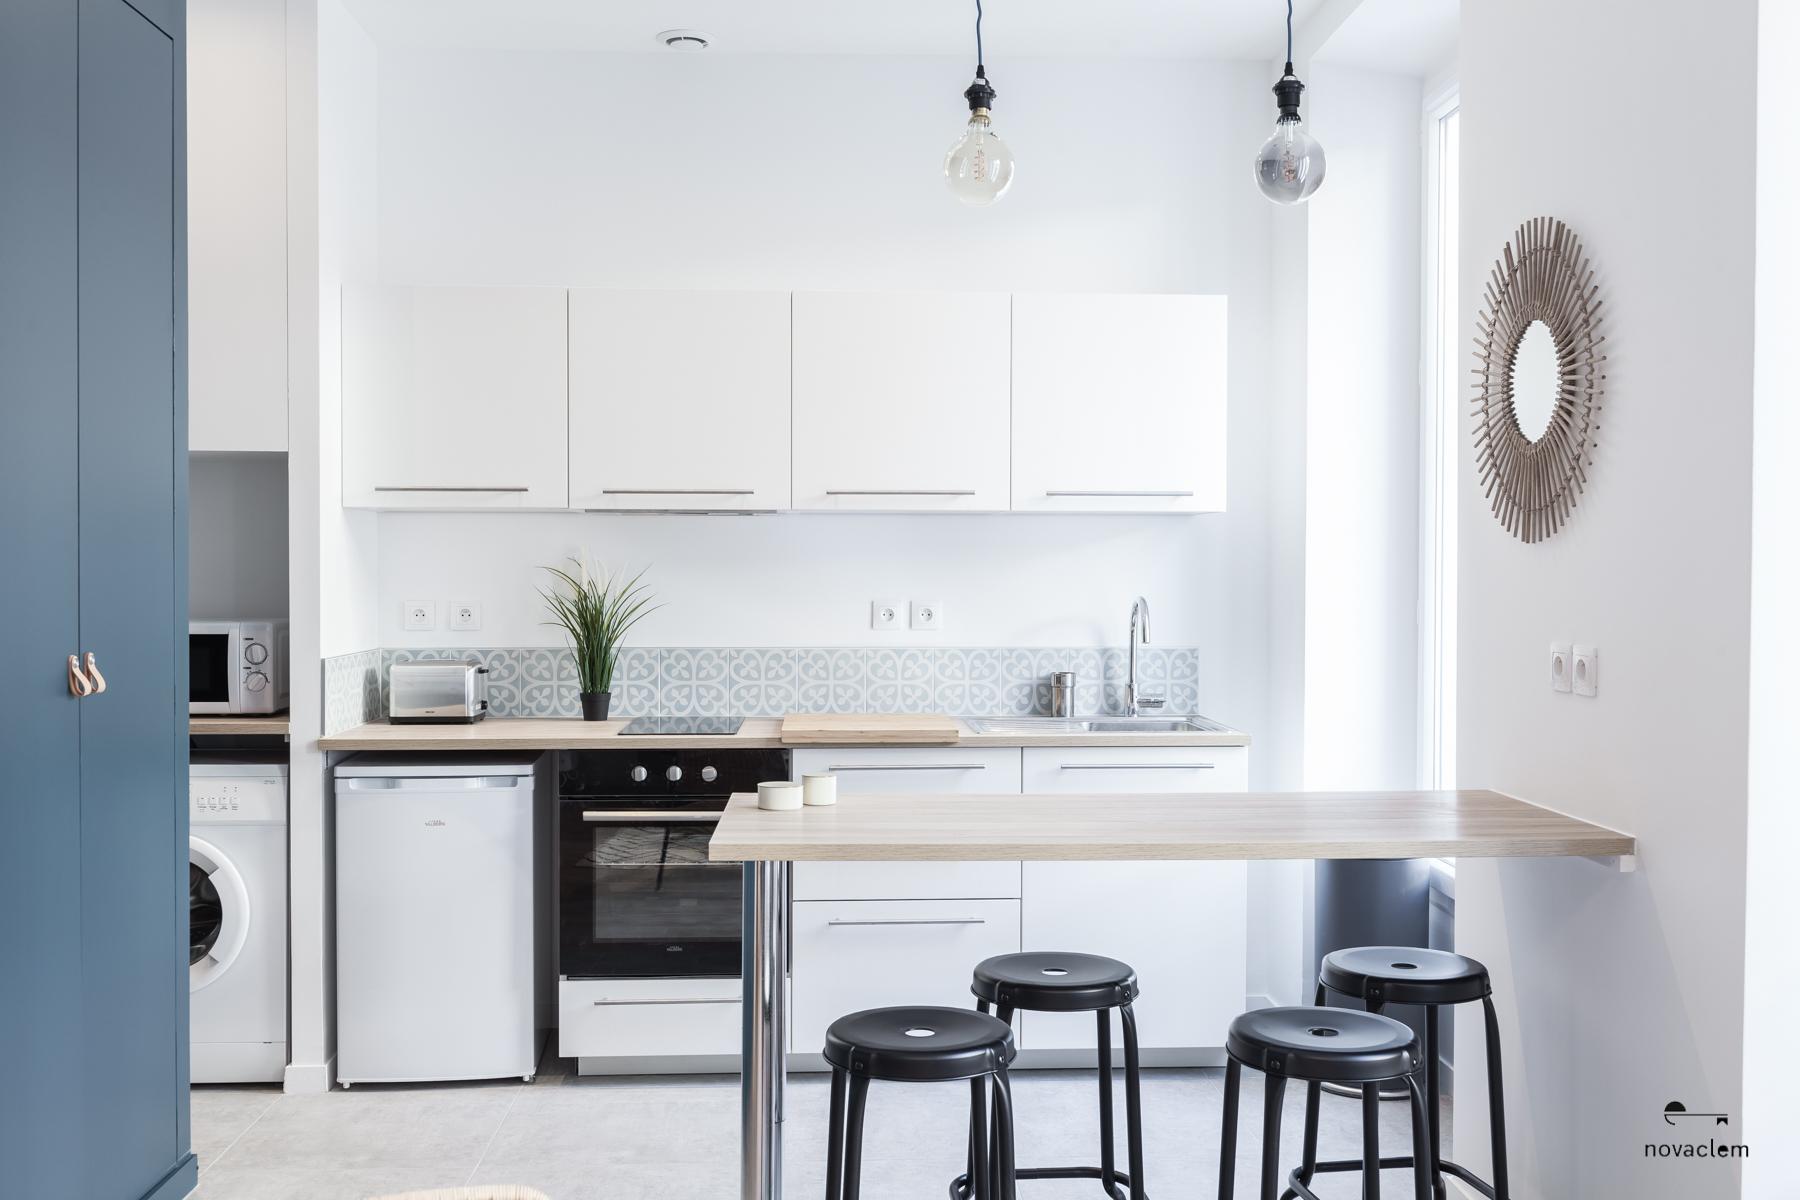 Novaclem - cuisine après travaux Mini loft Camas - Investissement Marseille